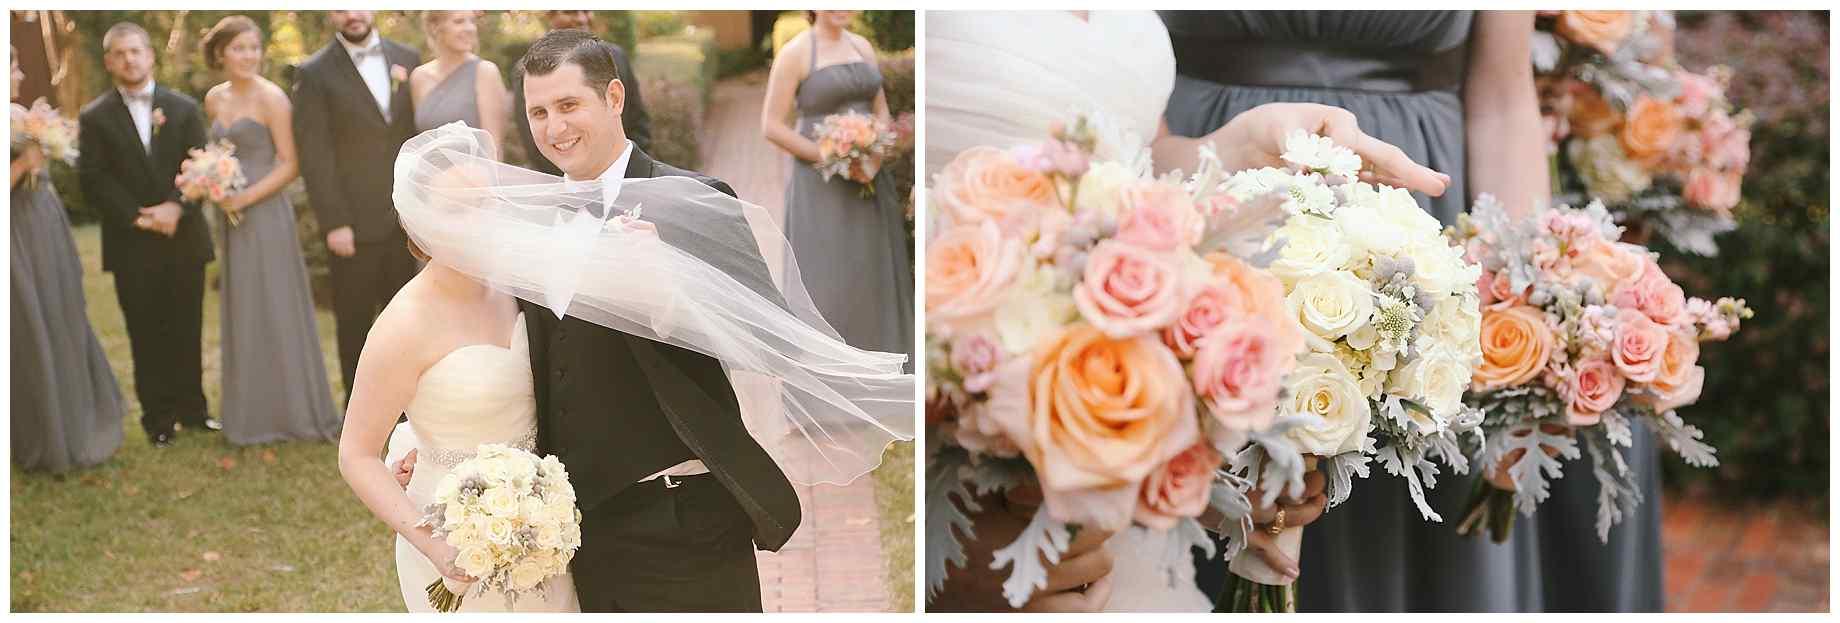 parador-houston-wedding-photos-00022